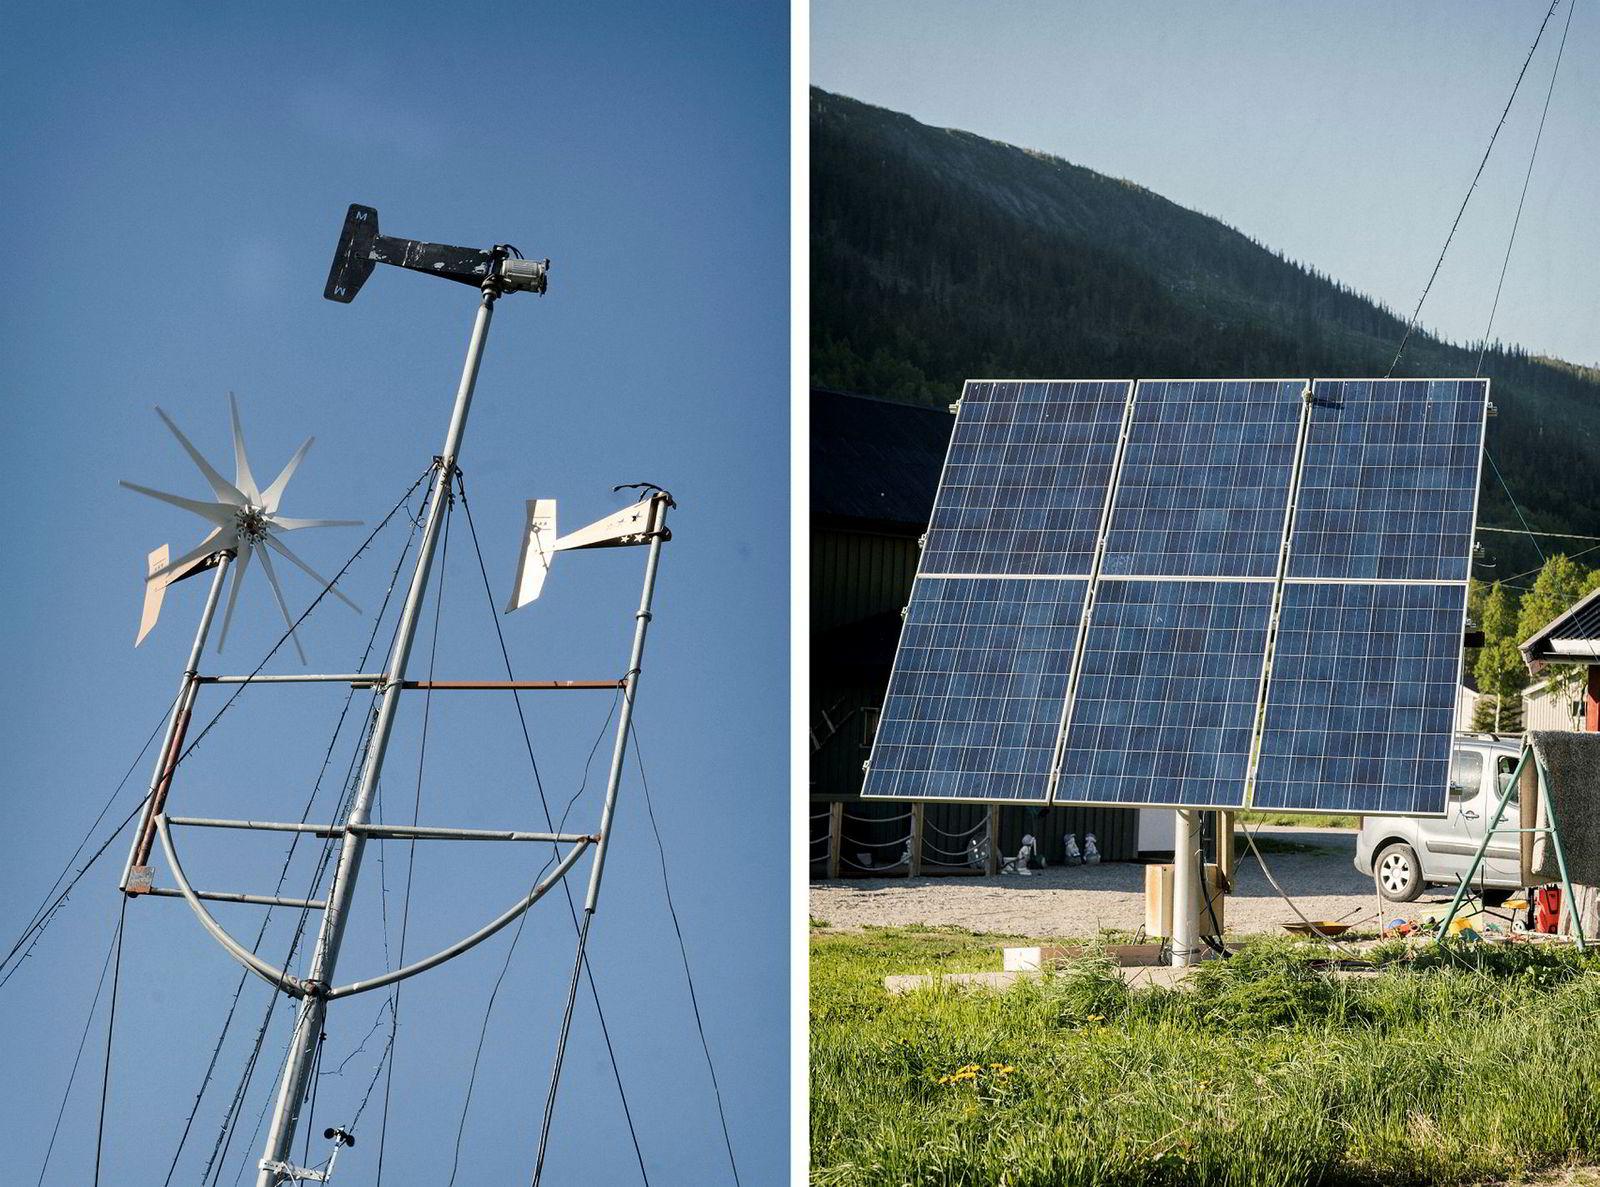 Et tolv meter høyt tårn huser vindmøllene, solcellepanelene står vendt i beste retning.